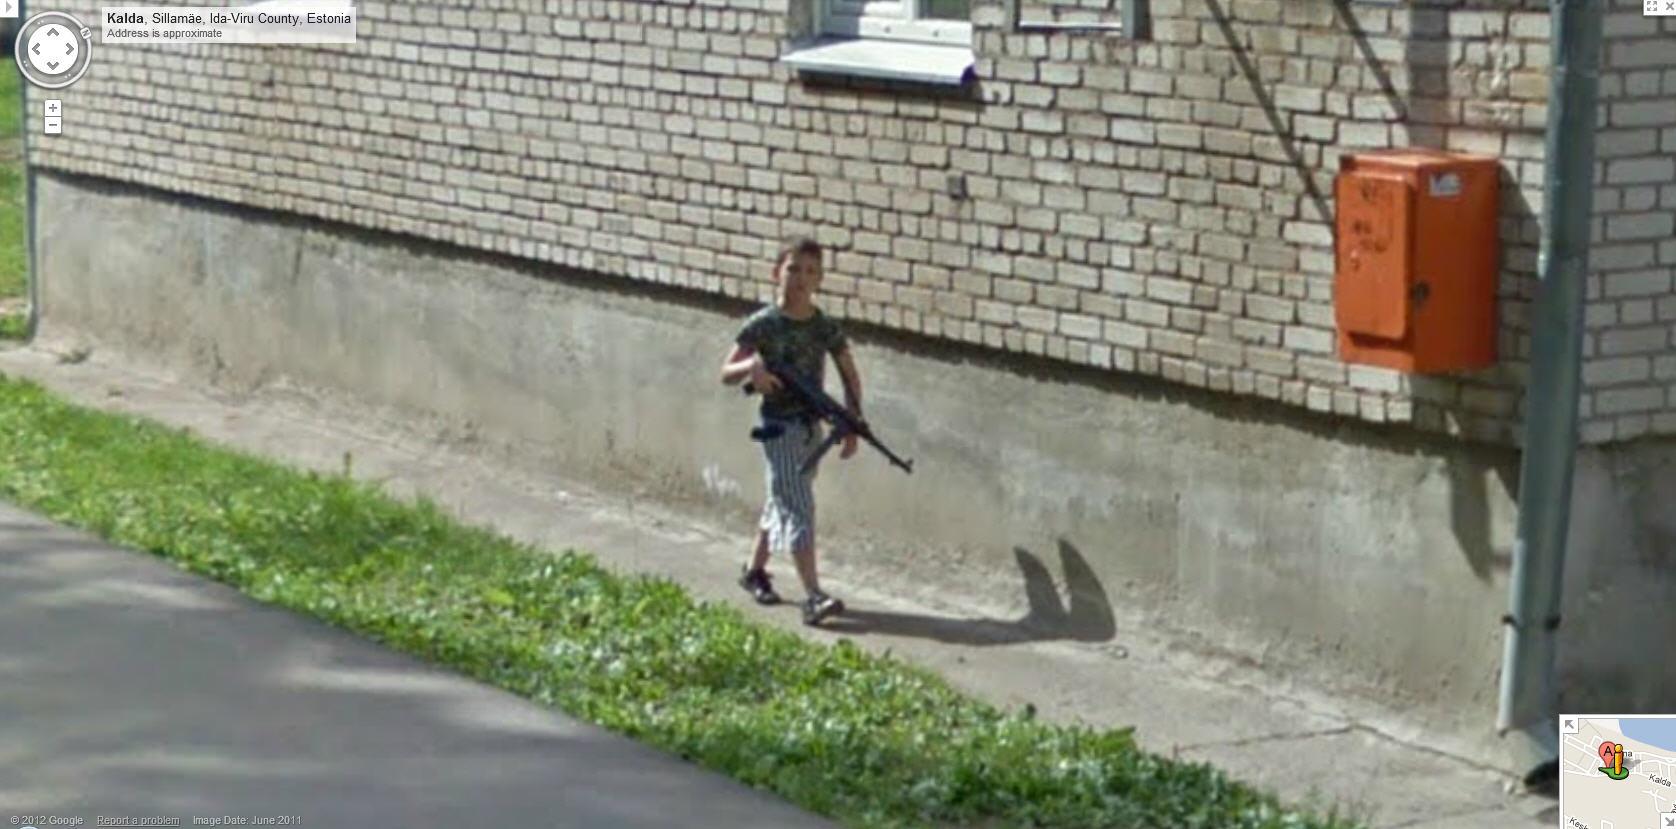 Imagens engraçadas do Google Street View